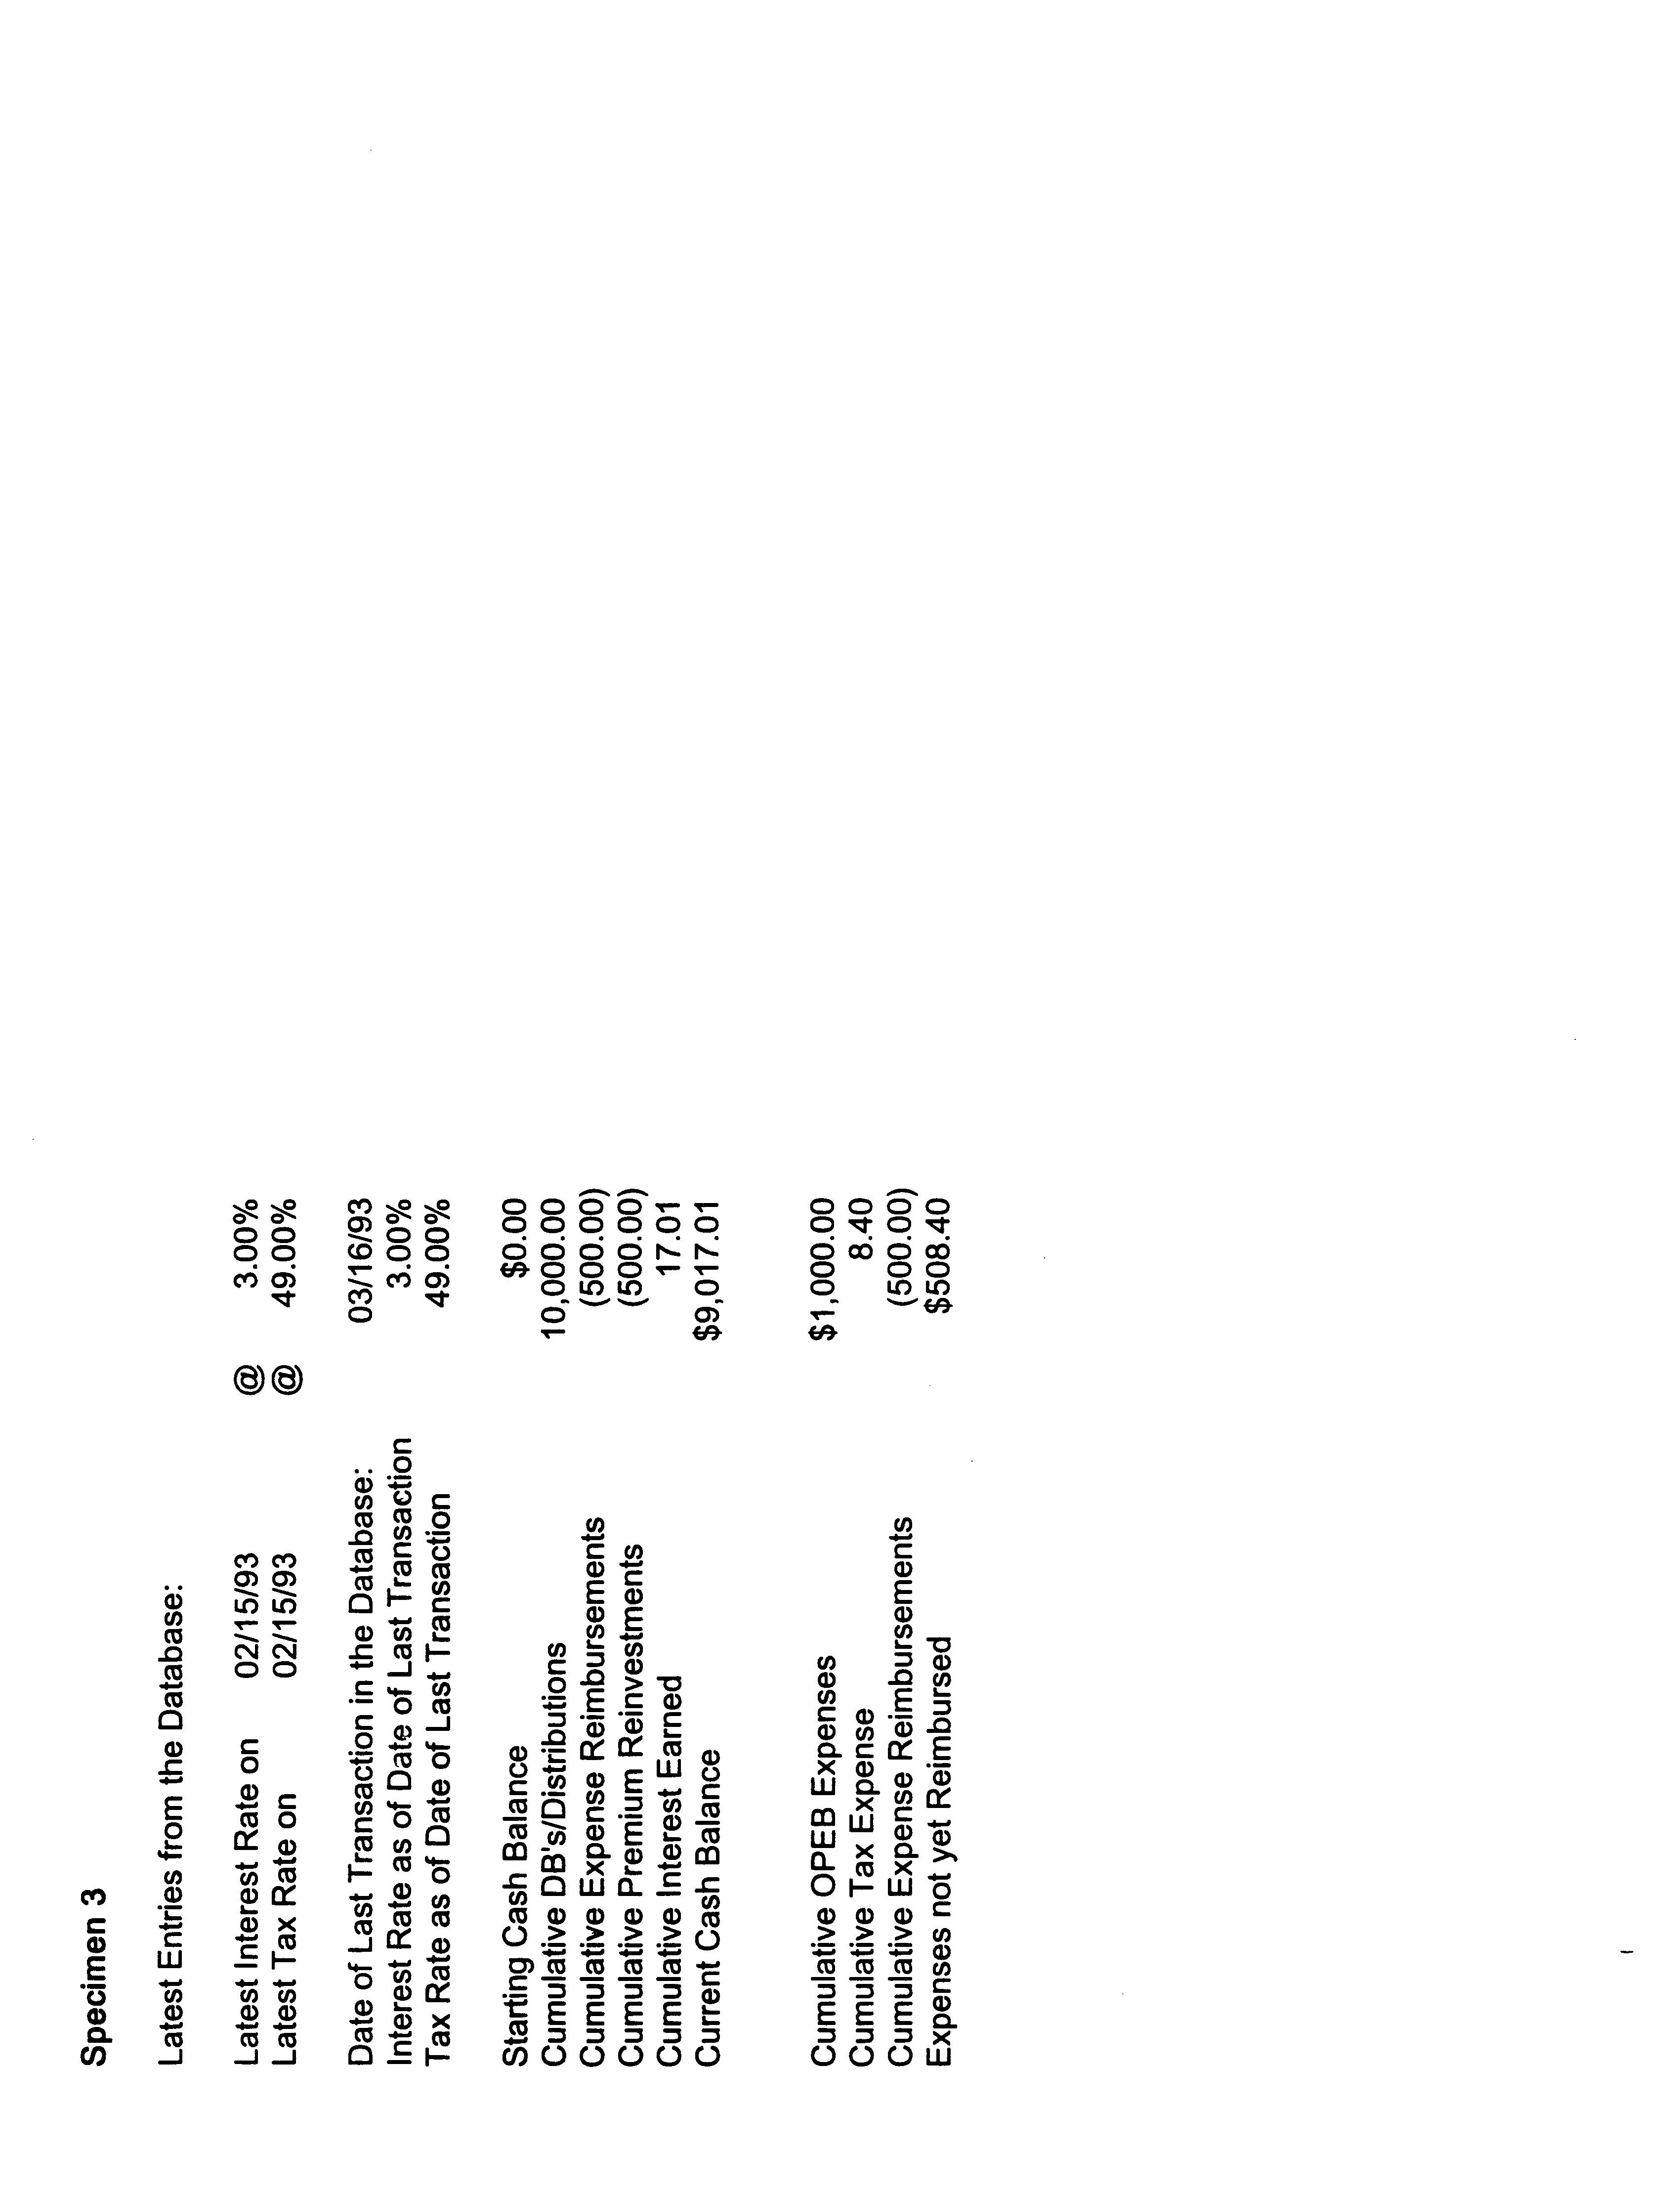 Figure US06205434-20010320-P00004